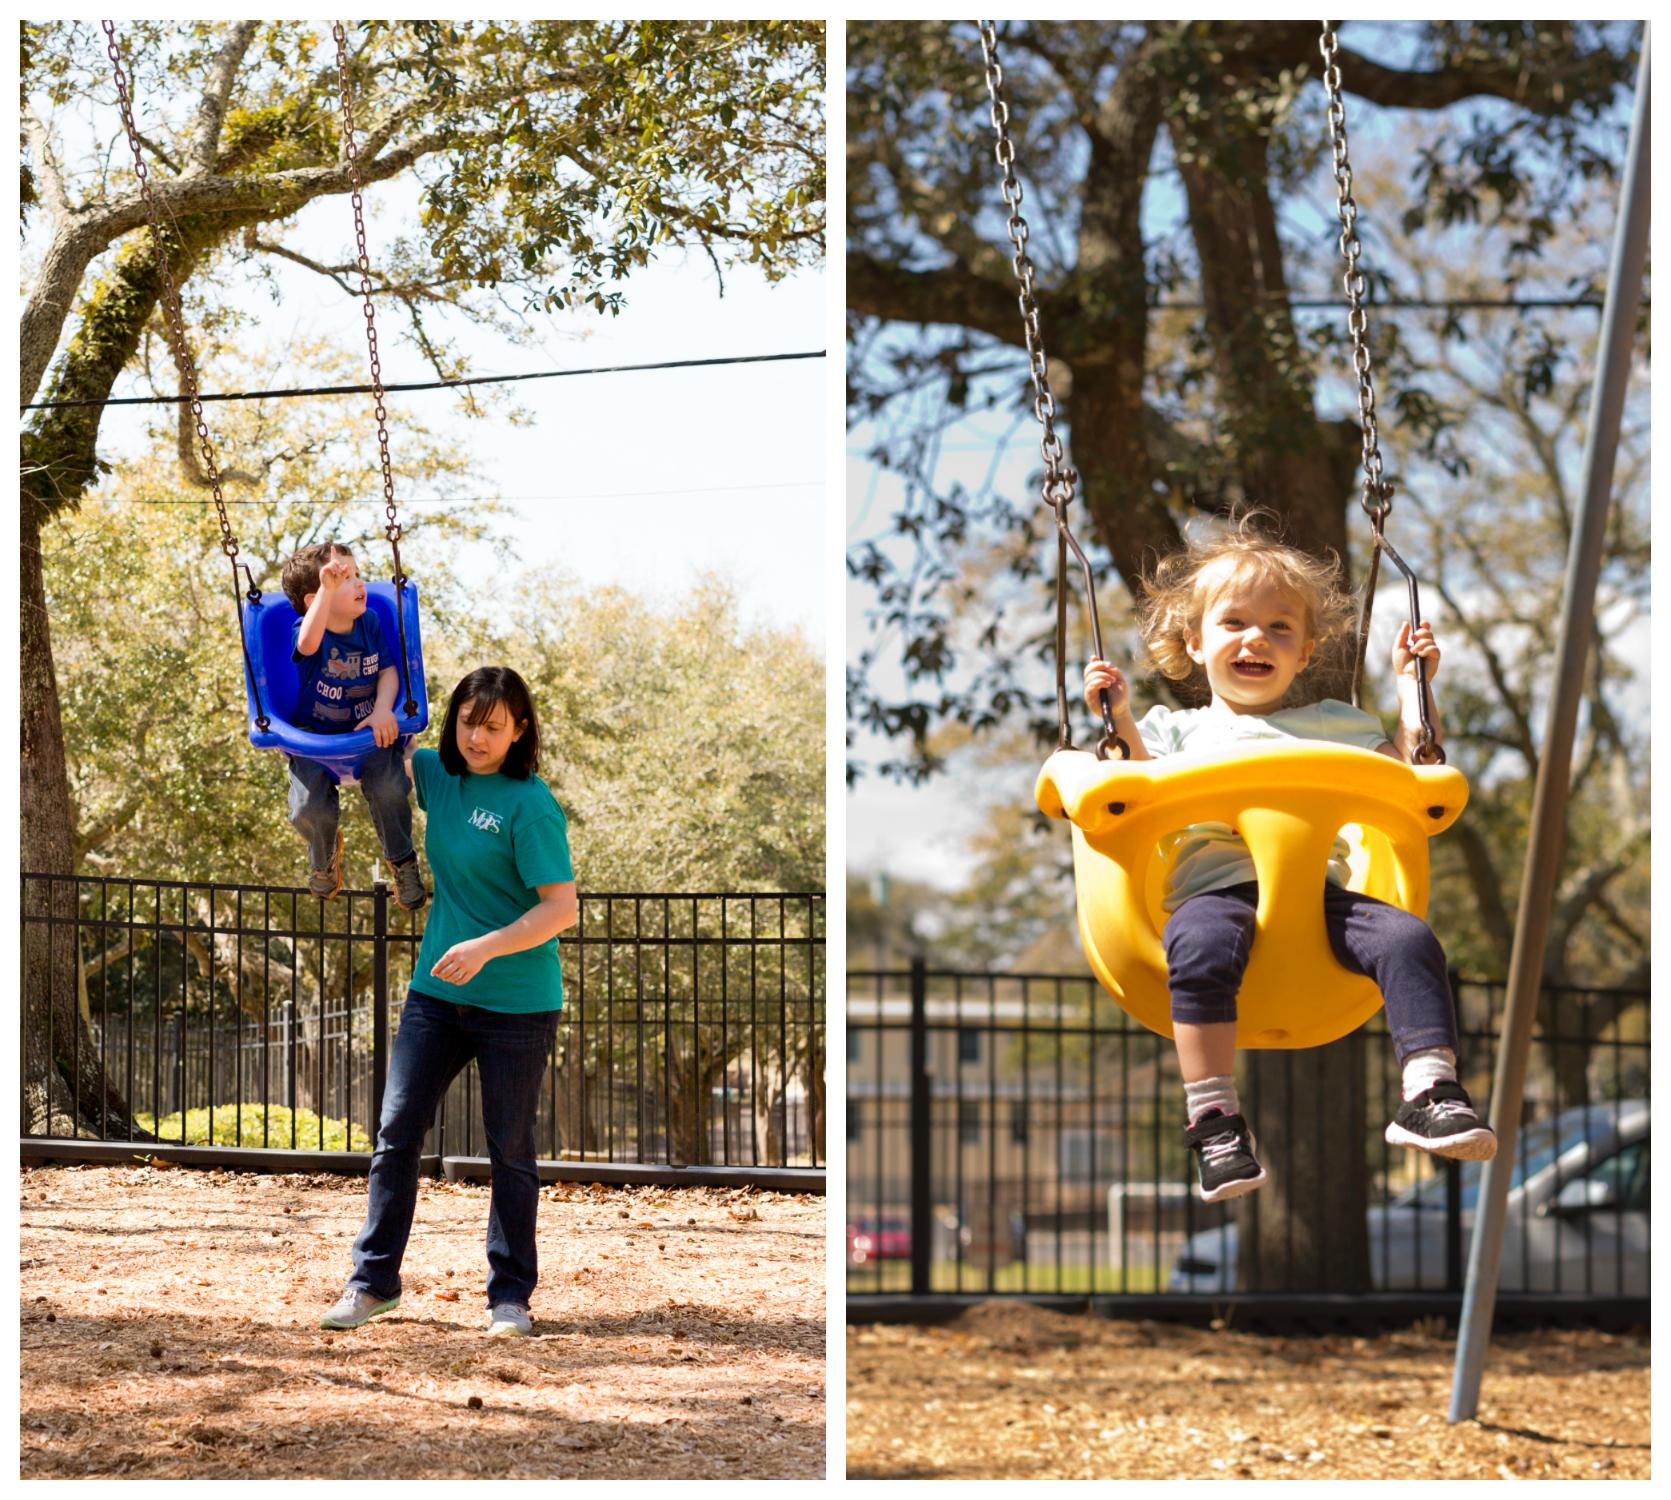 kids swinging at Little Children's Park in Ocean Springs